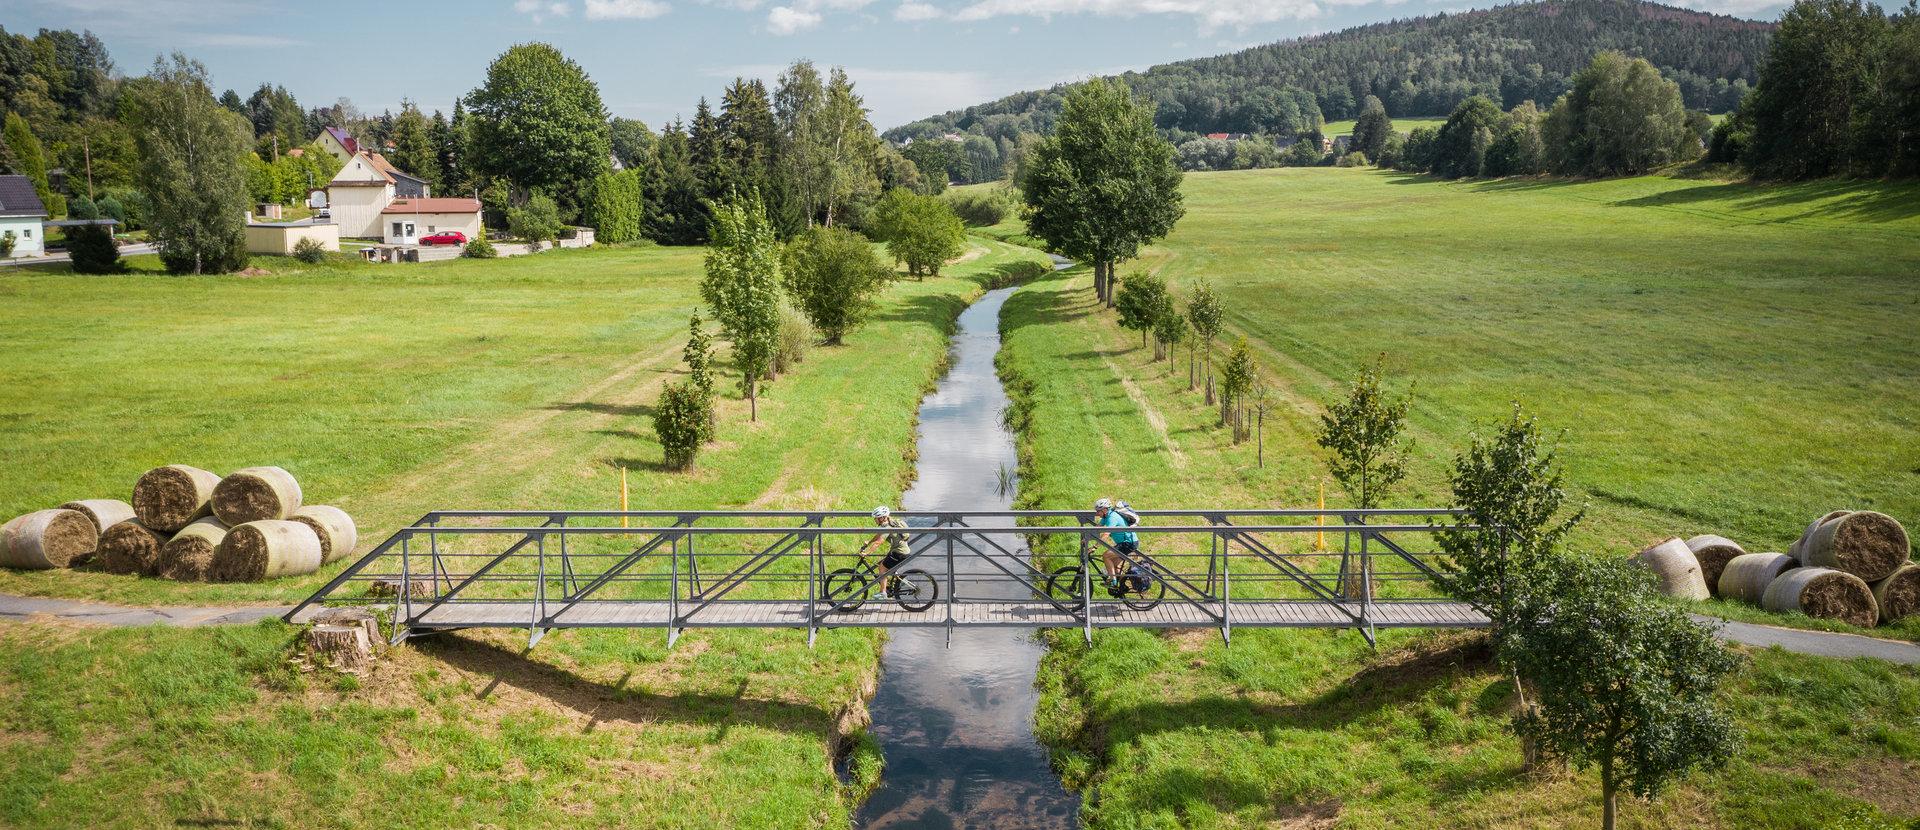 Oberlausitzer Zwillinge Zwei Räder und zwei Flüsse auf vier Radwegen